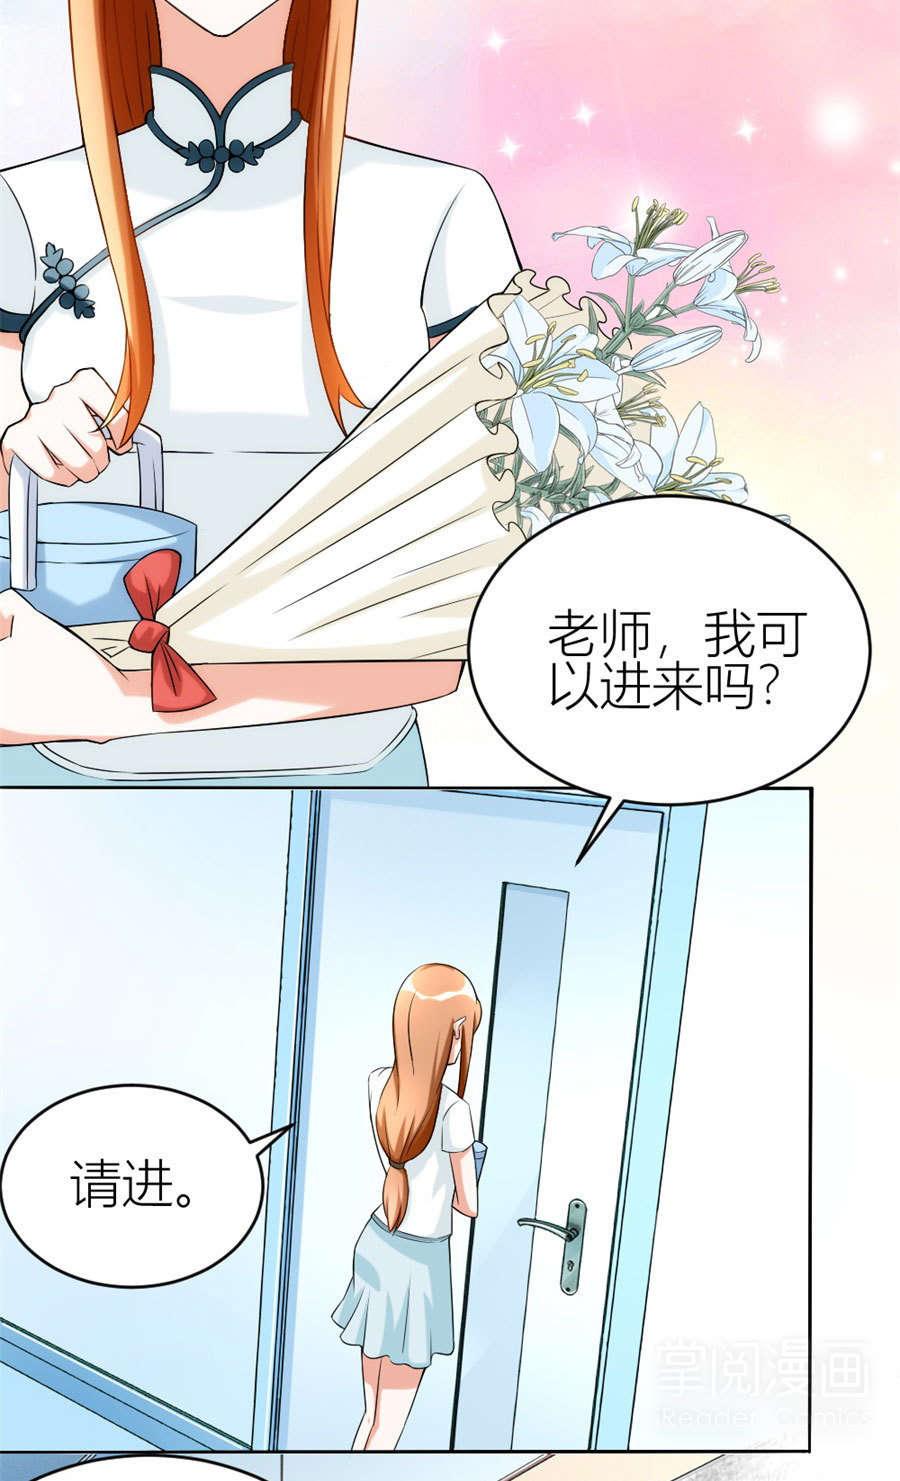 错嫁替婚总裁第108话  冯曼伦的邀约 第 3